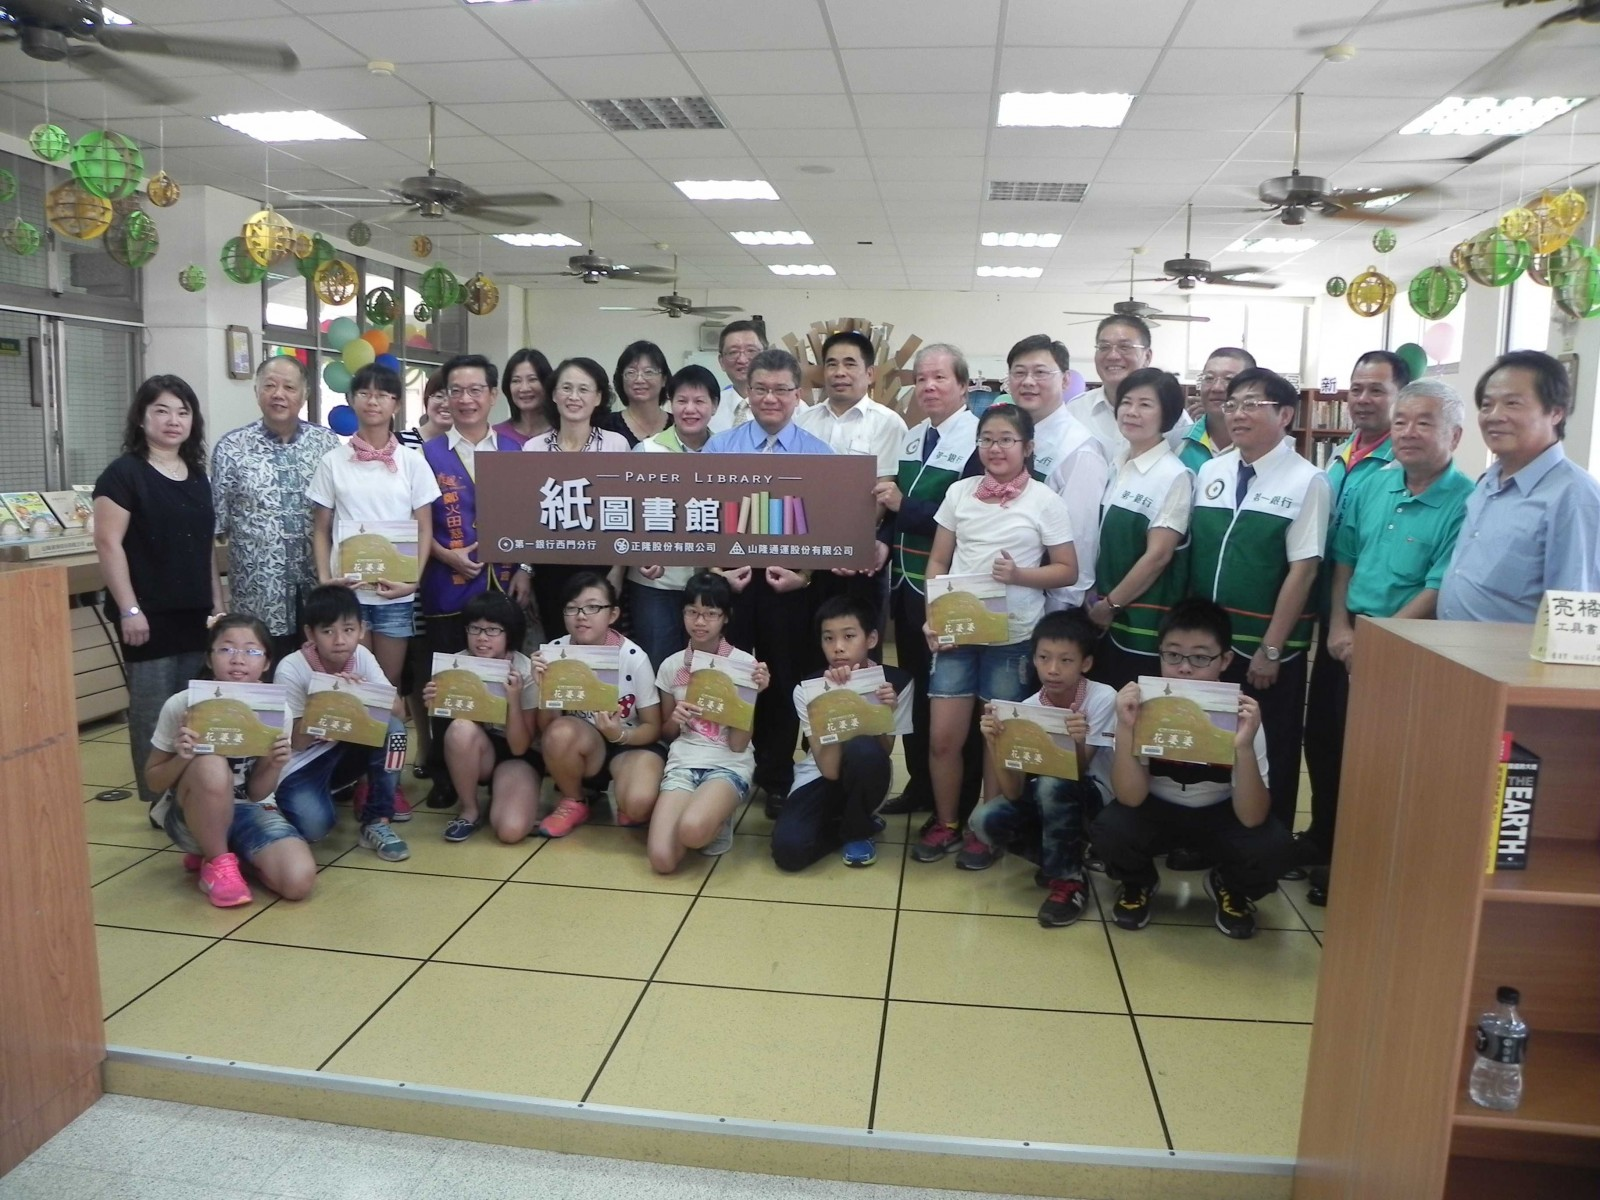 正隆、一銀及山隆攜手打造南台灣首座紙圖書館